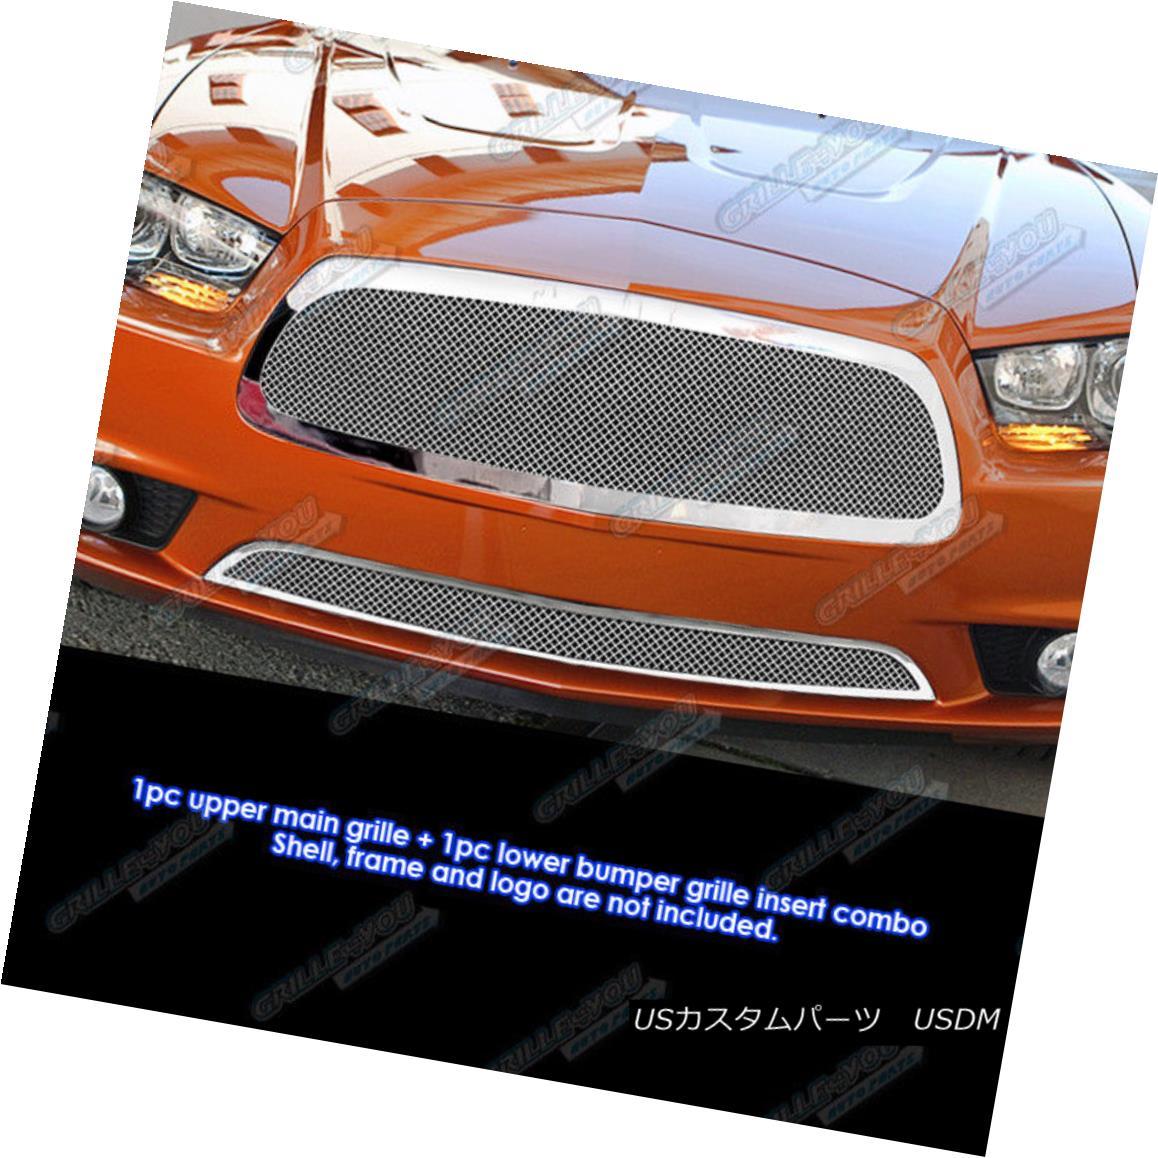 グリル Fits 2011-2014 Dodge Charger Stainless Steel Mesh Grille Grill Insert Combo フィット2011-2014ダッジチャージャーステンレスメッシュグリルグリルインサートコンボ